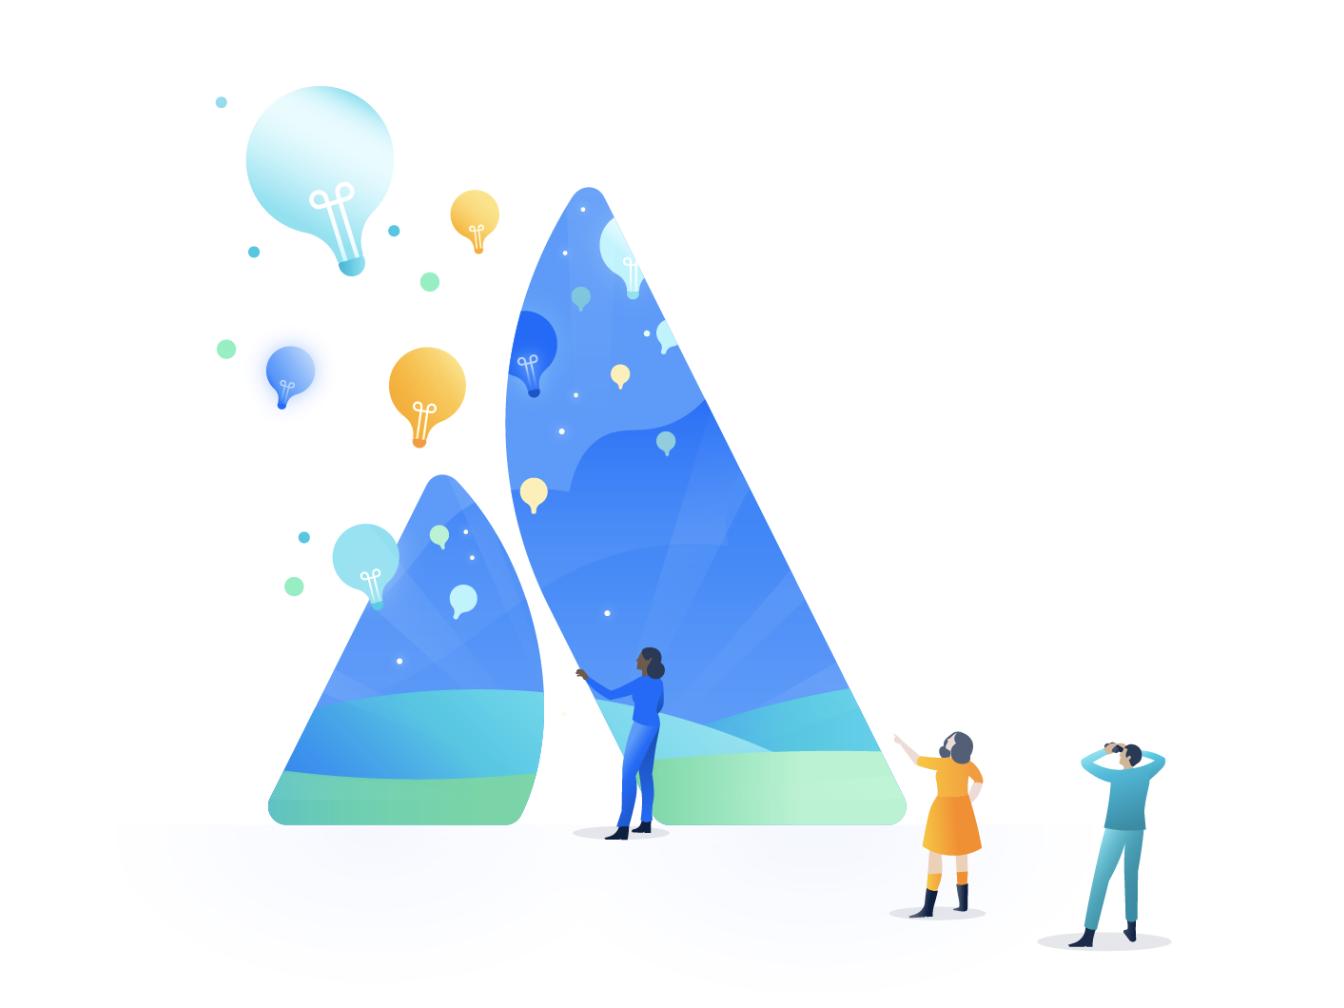 注目のB2Bサービスを生み続ける最先端テック企業Atlassian(アトラシアン)を徹底研究!